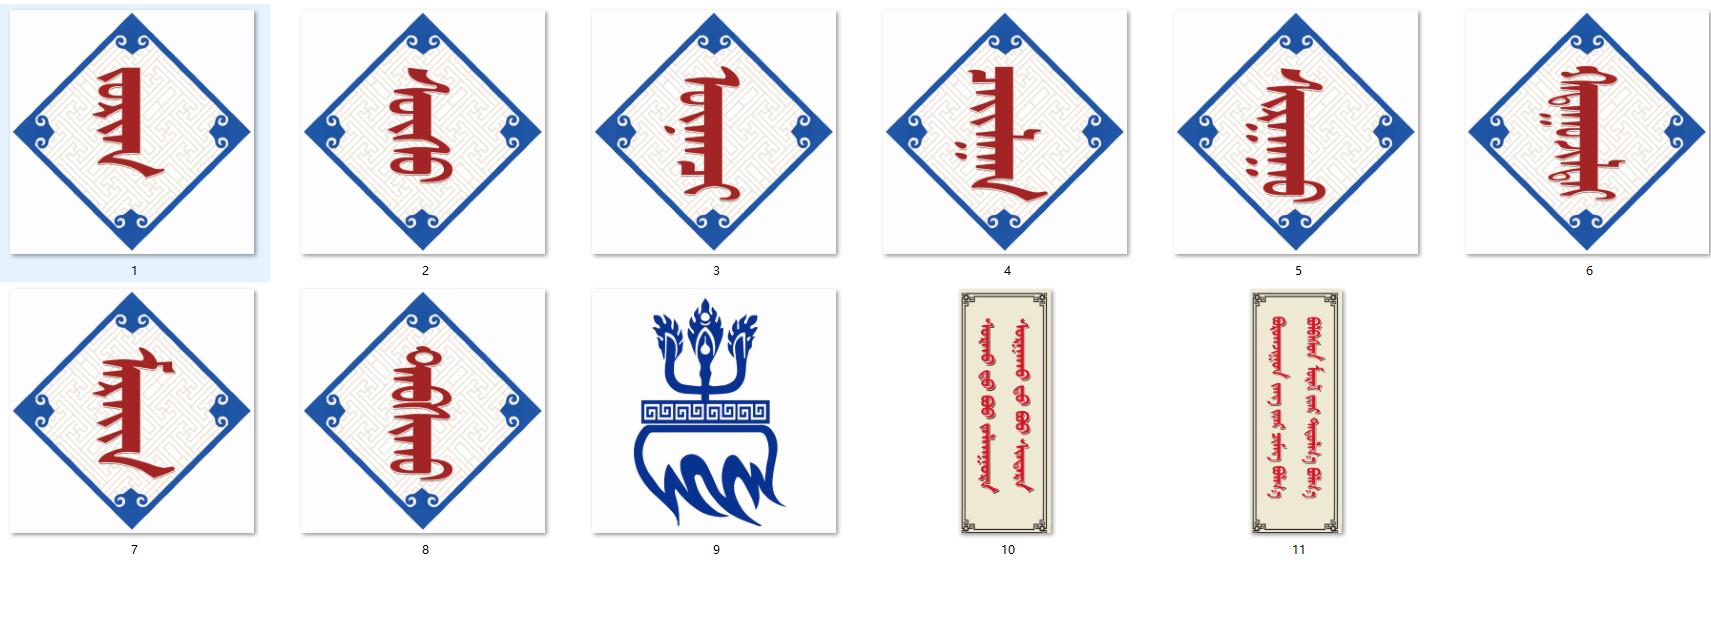 蒙古族学校班级文化装饰图2 蒙古素材